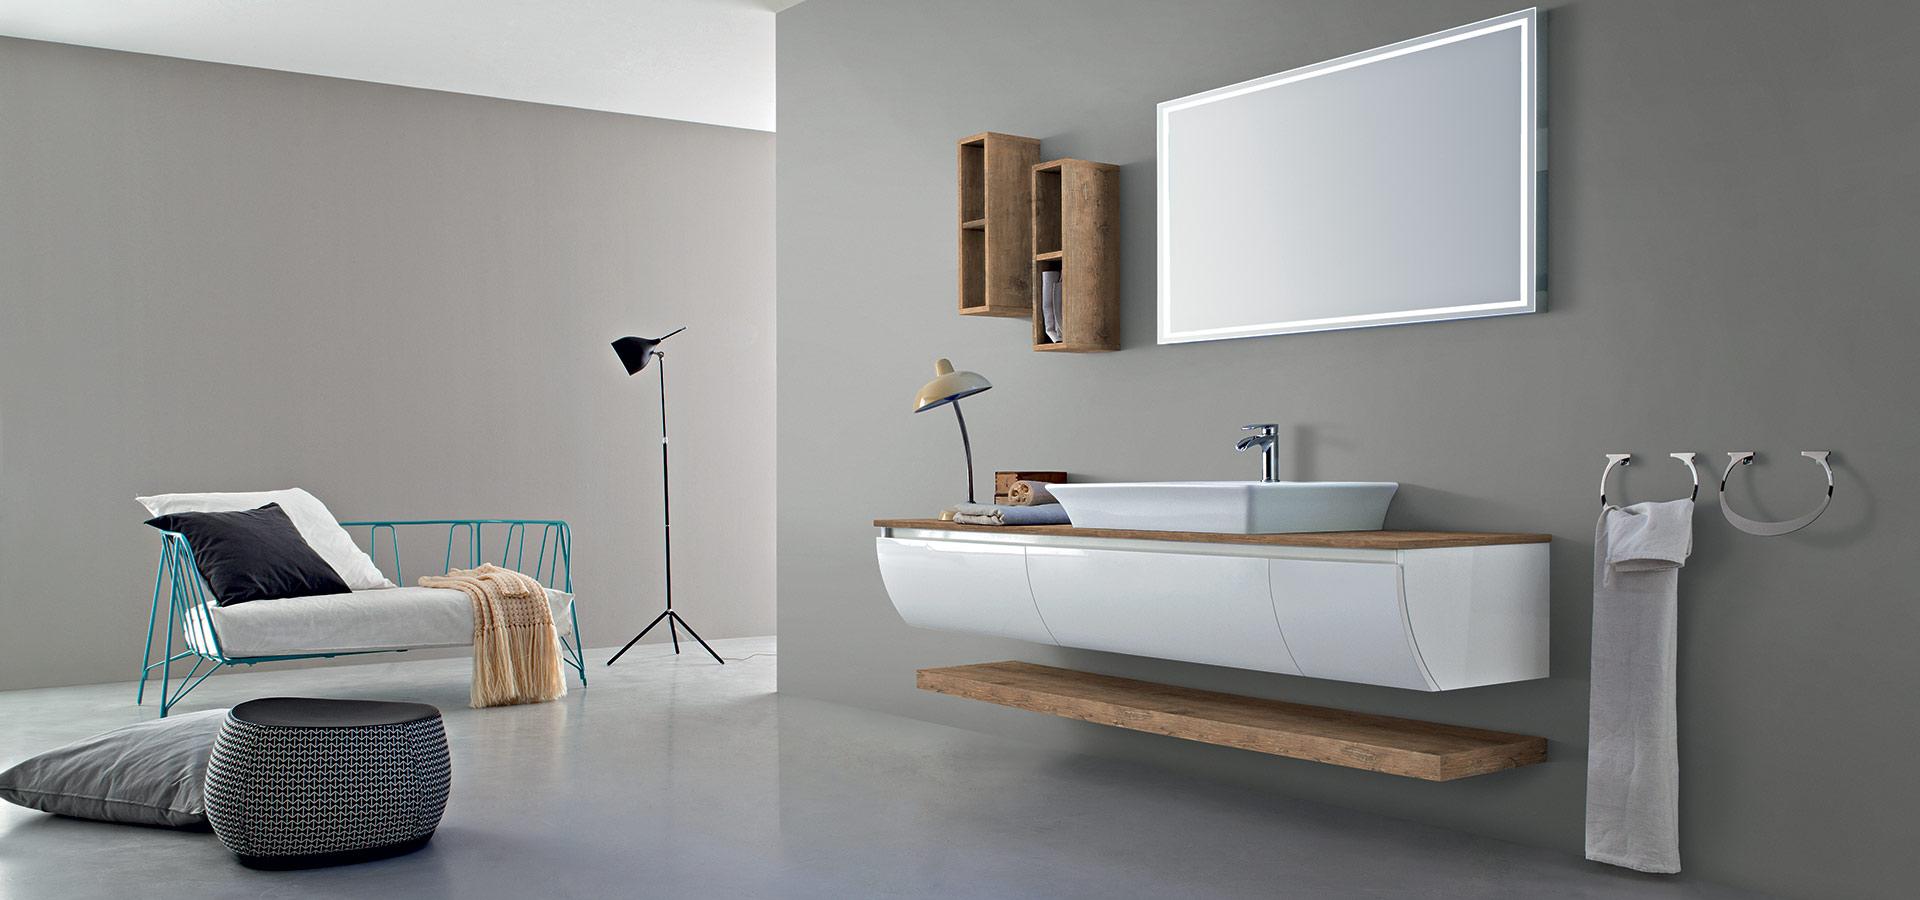 Magasin à arras de salles de bain modernes